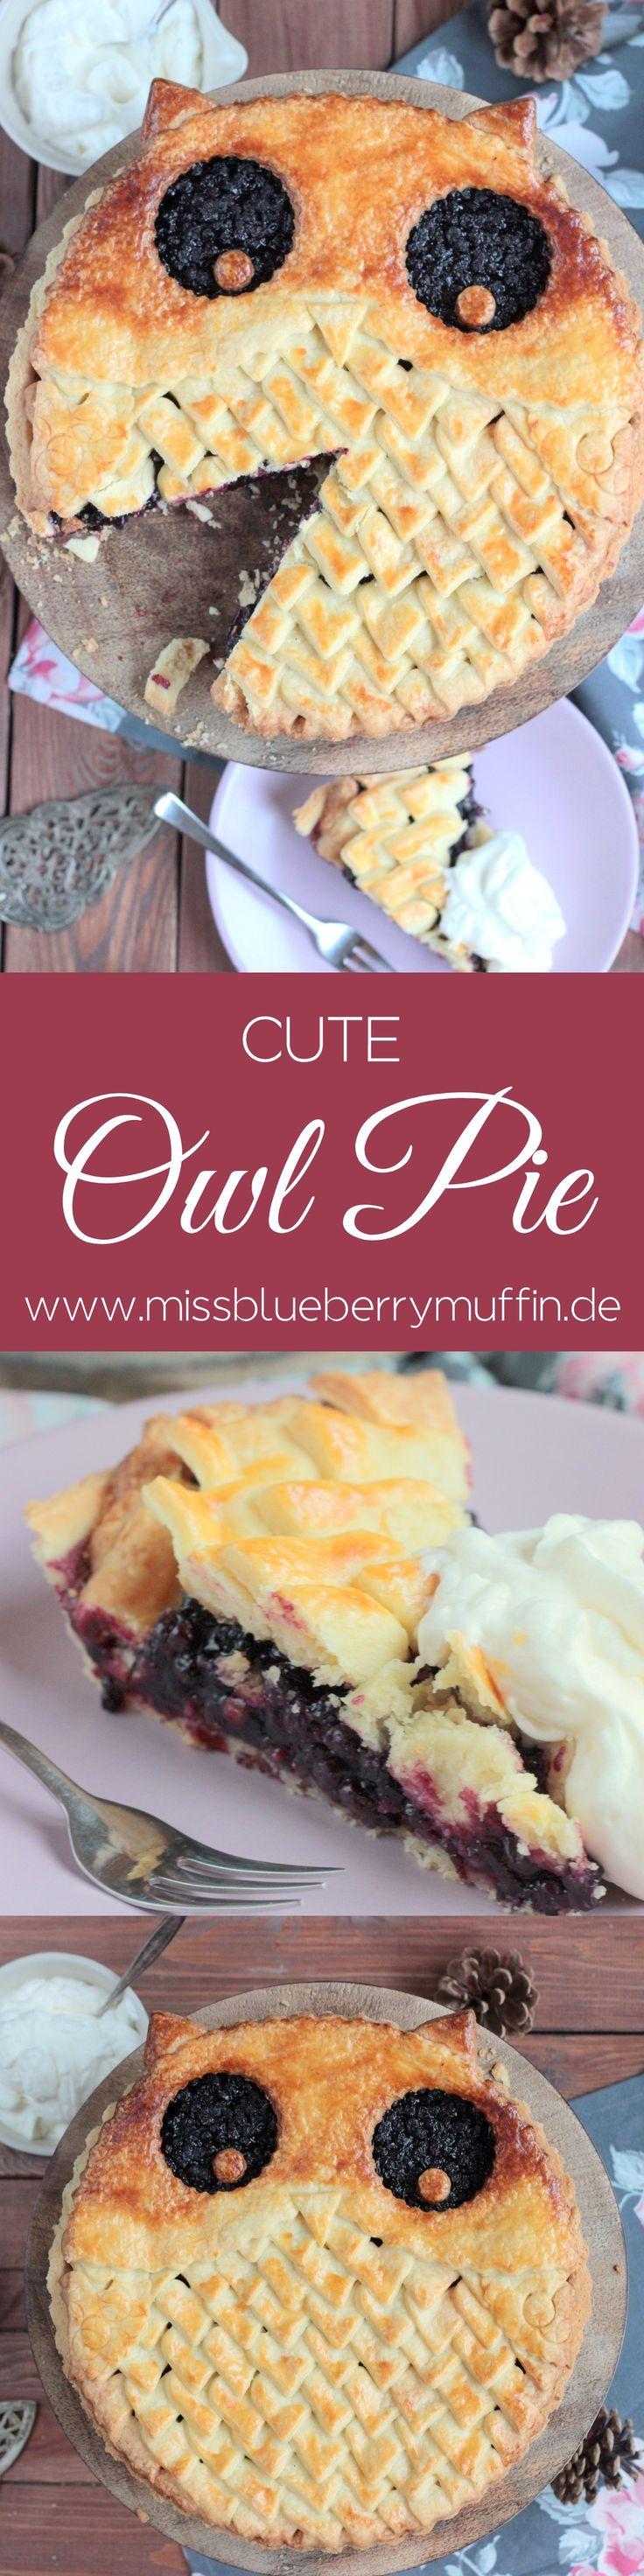 Einen niedlichen Eulen-Pie mit Blaubeerfüllung zu backen ist einfacher als ihr denkt! Wie es geht verrate ich auf dem Blog! <3  //Owl Pie